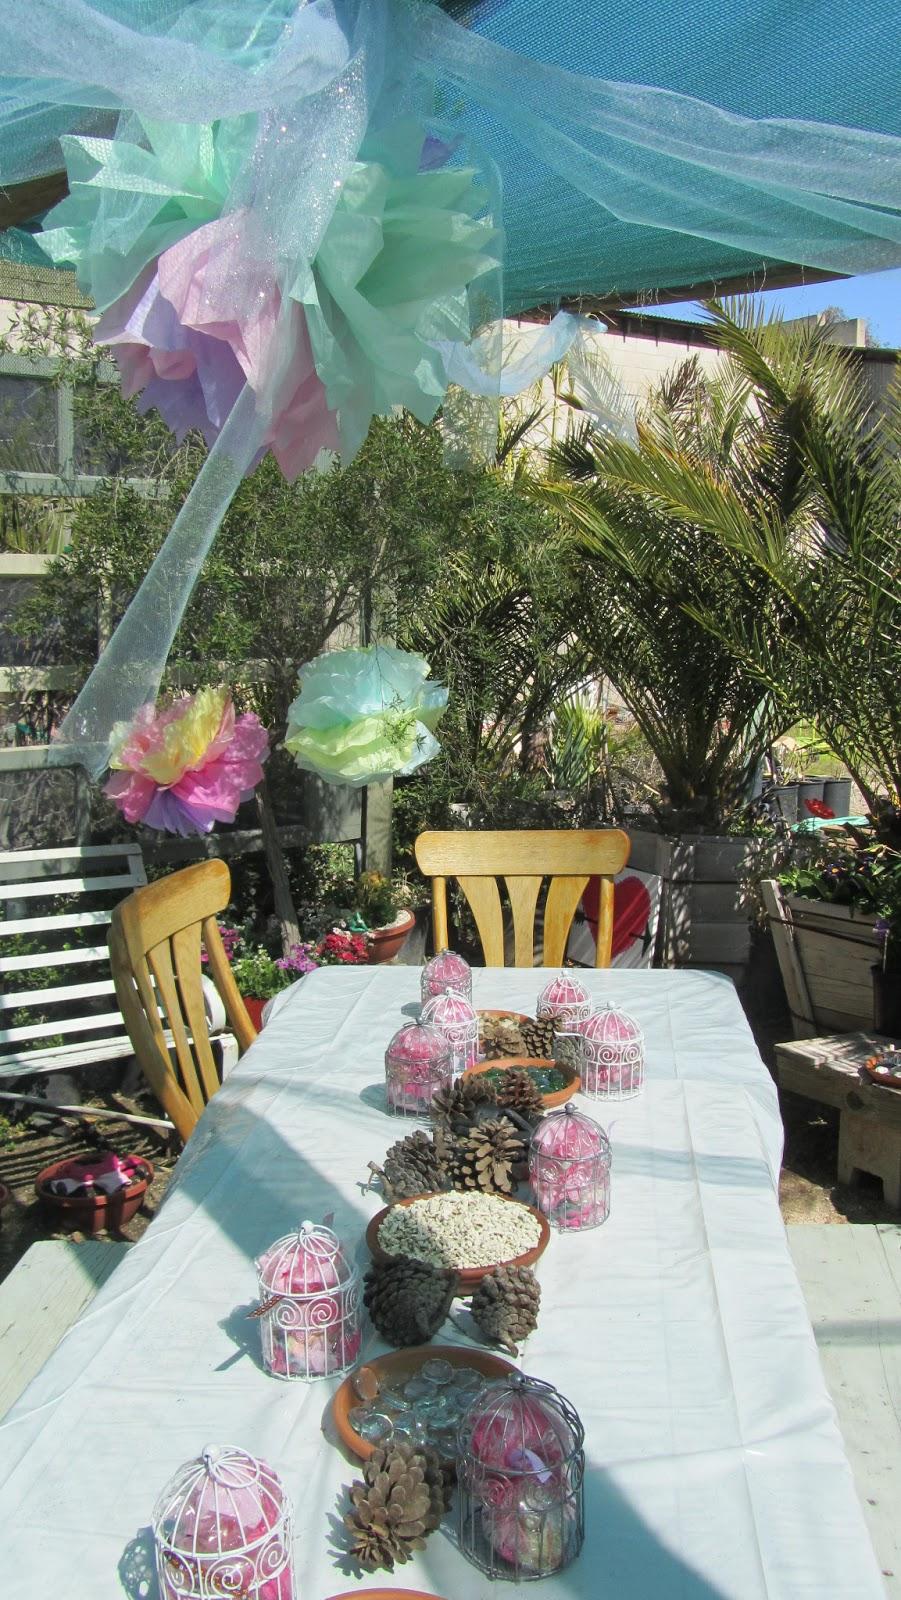 Valley Center Nursery Enchanted Fairy Garden Birthday Party